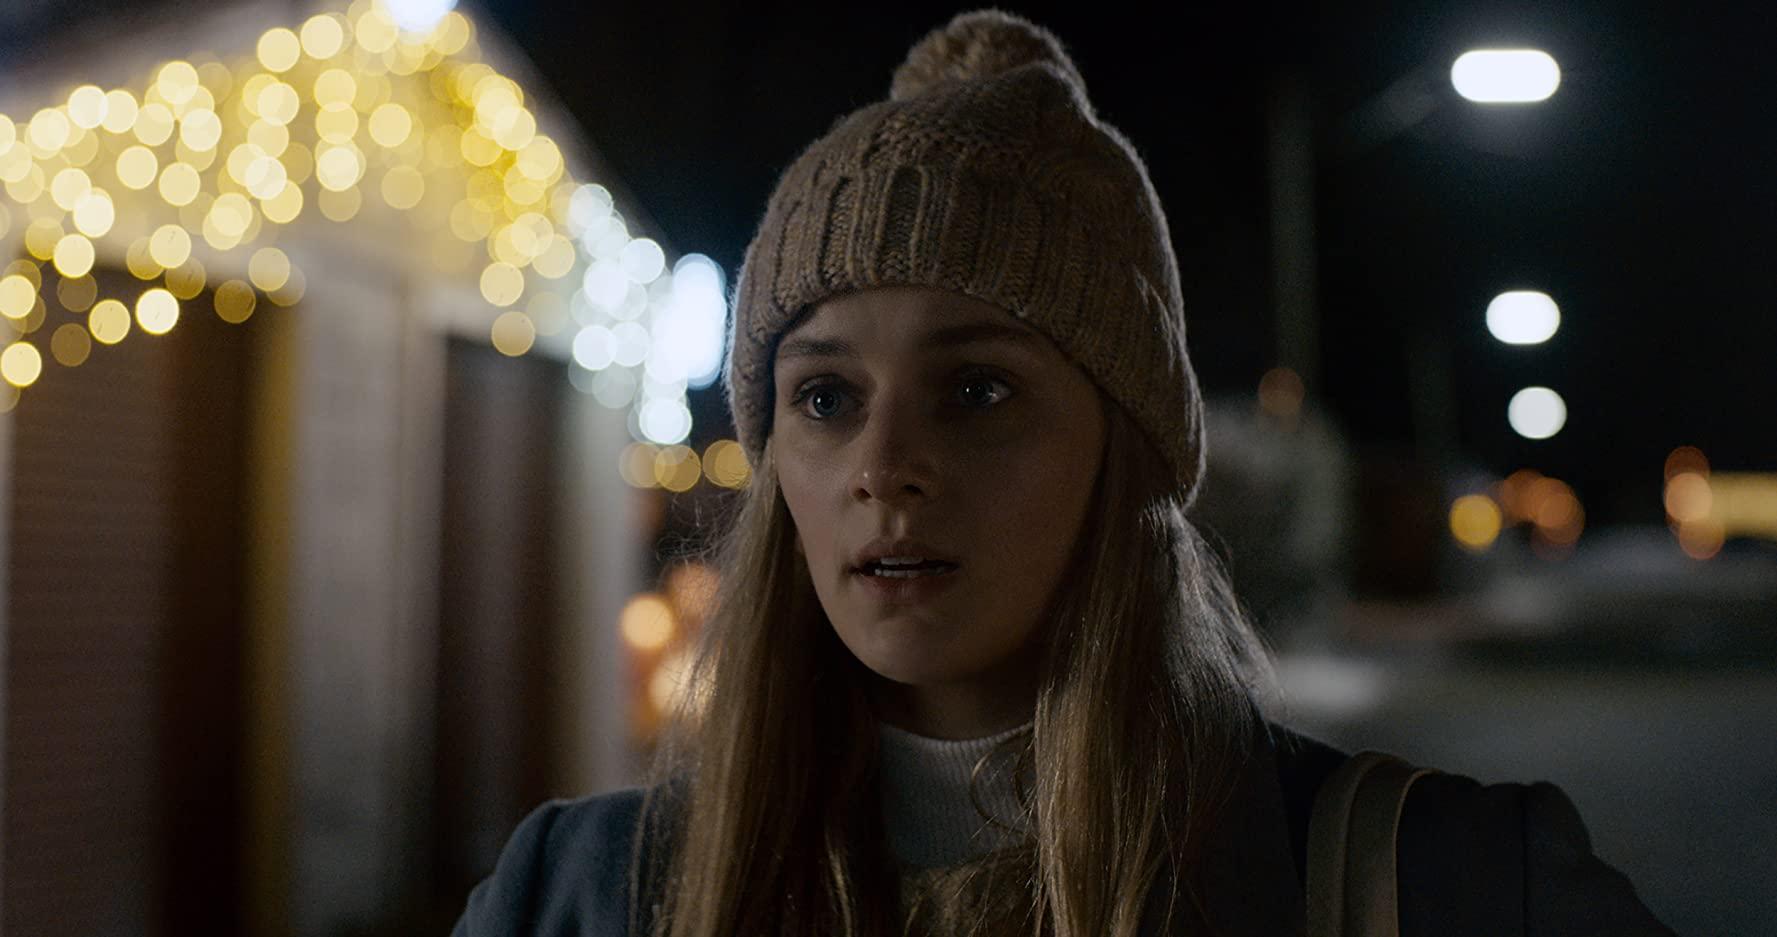 مشاهدة فيلم Black Christmas (2019) مترجم HD اون لاين